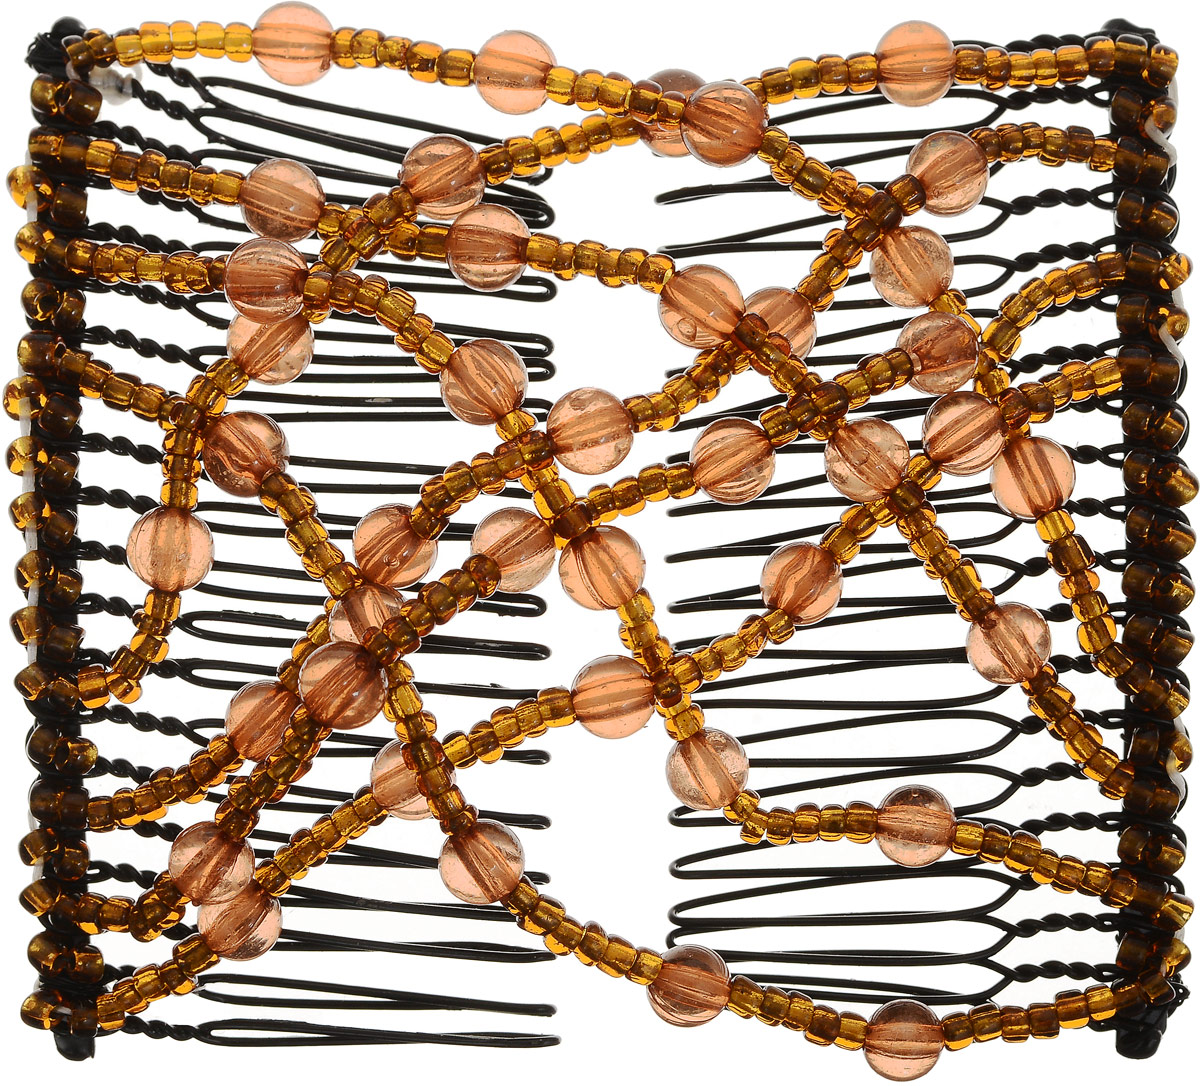 EZ-Combs Заколка Изи-Комбс, одинарная, цвет: коричневый. ЗИО_шарики90290Удобная и практичная заколка EZ-Combs подходит для любого типа волос: тонких, жестких, вьющихся или прямых, и не наносит им никакого вреда. Заколка не мешает движениям головы и не создает дискомфорта, когда вы отдыхаете или управляете автомобилем. Каждый гребень имеет по 20 зубьев для надежной фиксации заколки на волосах. И даже во время бега и интенсивных тренировок в спортзале EZ-Combs не падает; она прочно фиксирует прическу, сохраняя укладку в первозданном виде.Небольшая и легкая заколка для волос EZ-Combs поместится в любой дамской сумочке, позволяя быстро и без особых усилий создавать неповторимые прически там, где вам это удобно. Гребень прекрасно сочетается с любой одеждой: будь это классический или спортивный стиль, завершая гармоничный облик современной леди. И неважно, какой образ жизни вы ведете, если у вас есть EZ-Combs, вы всегда будете выглядеть потрясающе.